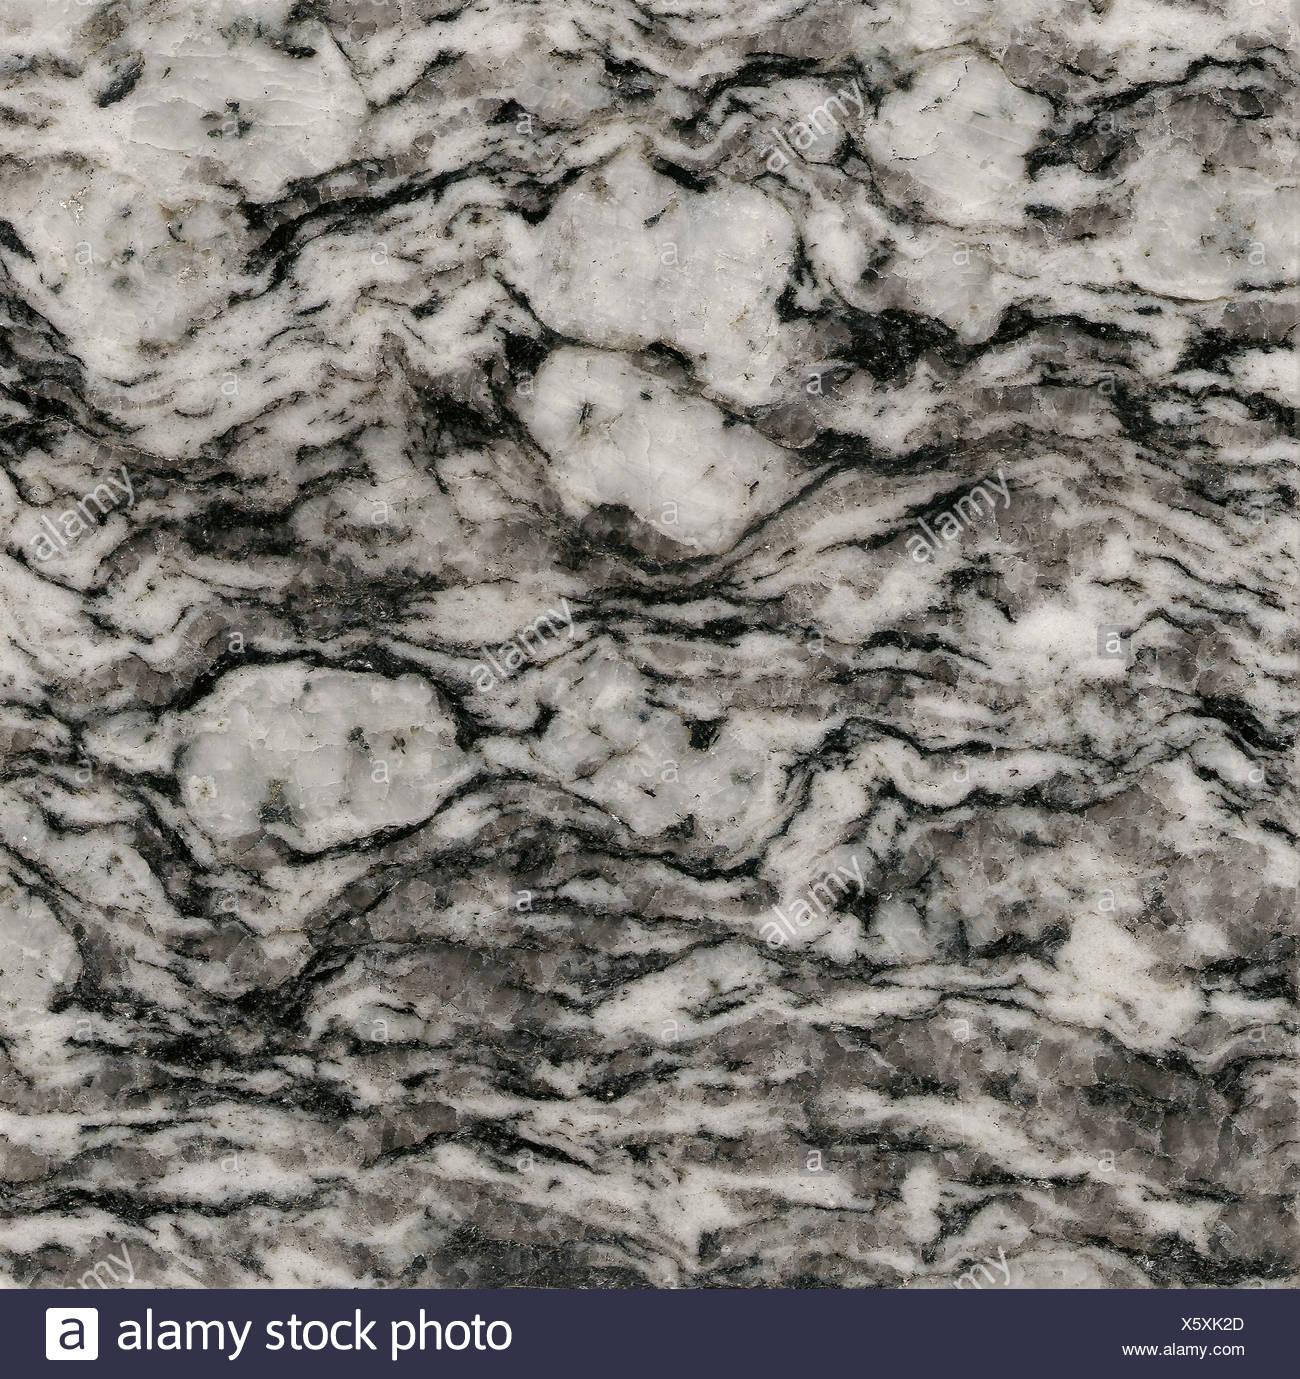 Grey granite - Stock Image